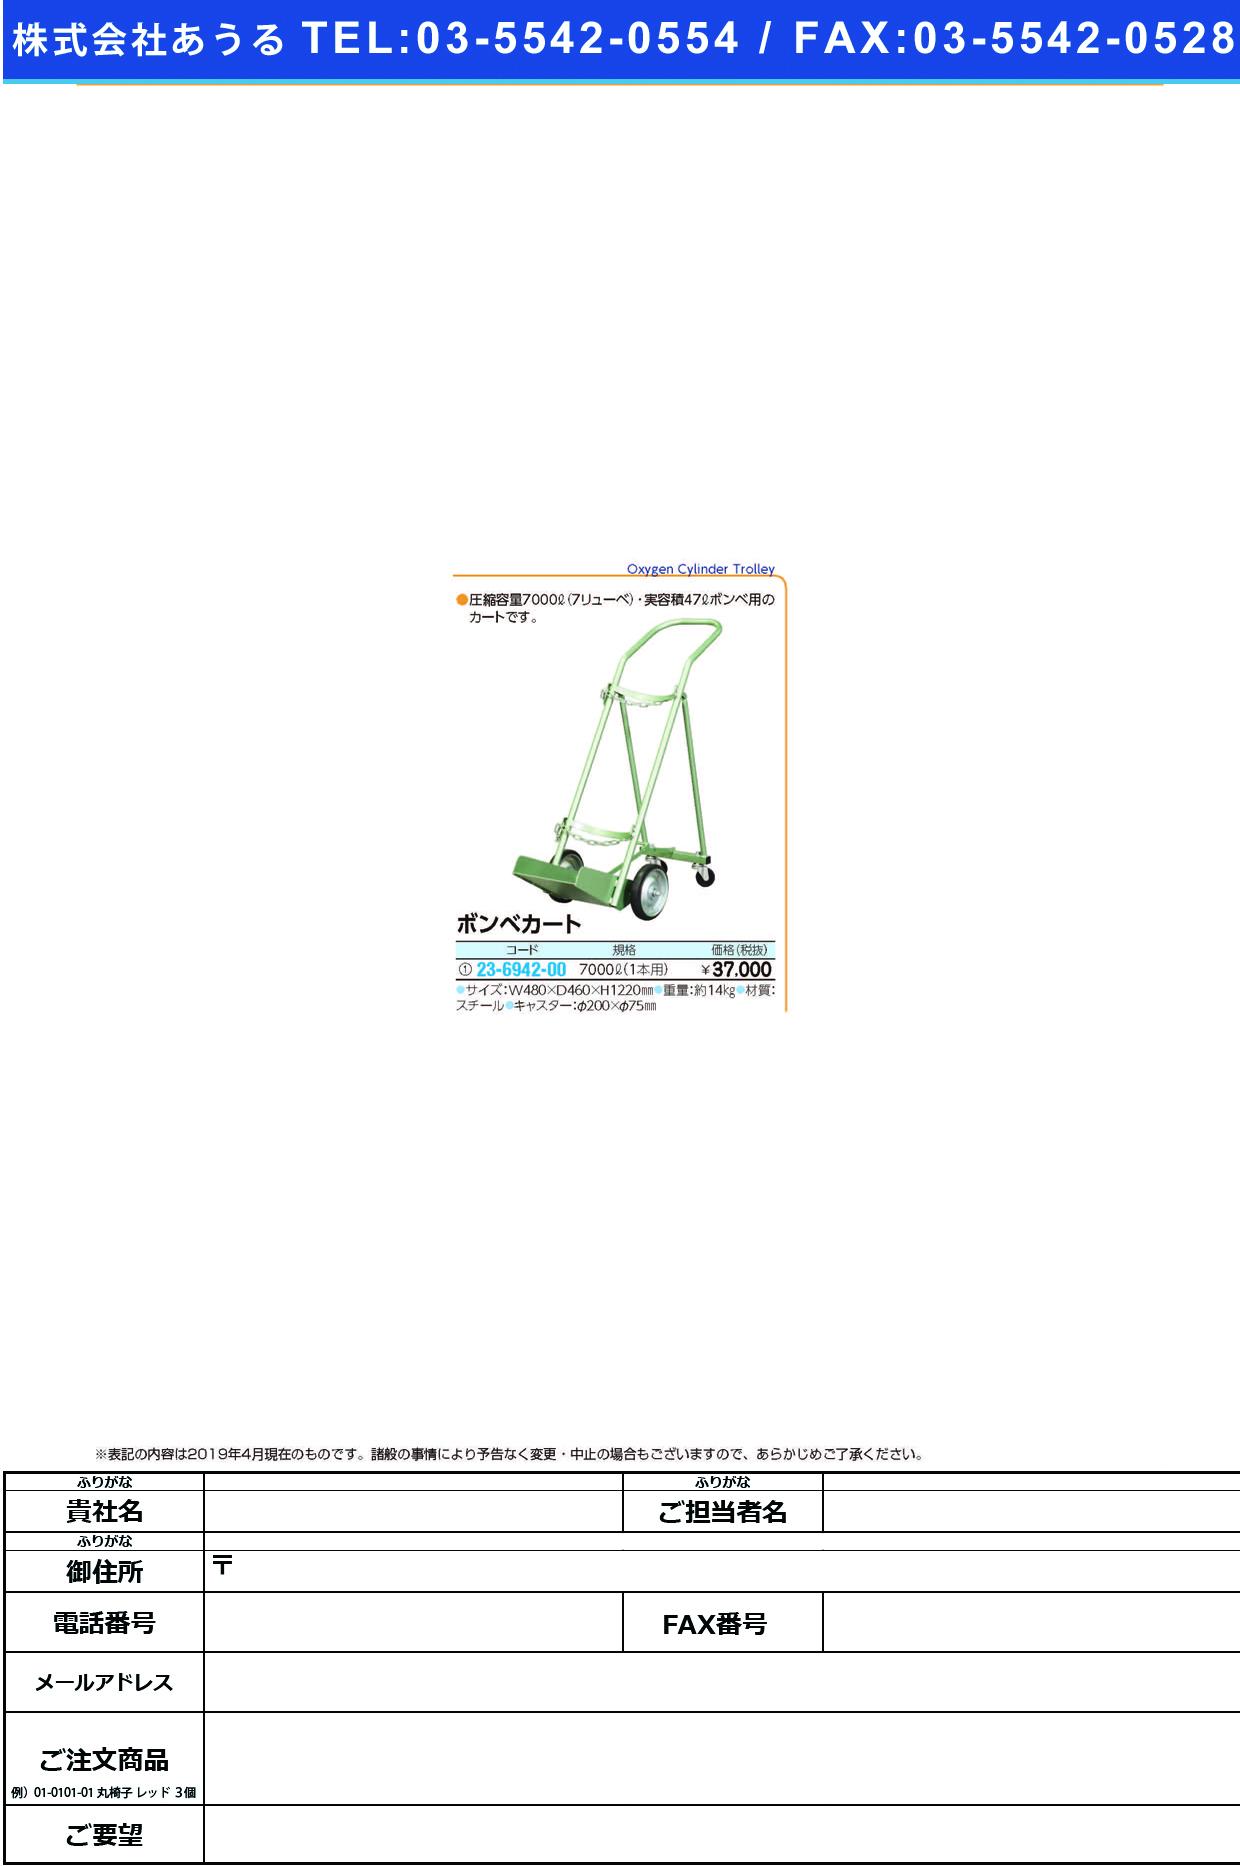 (23-6942-00)ボンベカート(7000L・1本用) KBC70-1 ボンベカート(7000L1ホンヨウ)【1台単位】【2019年カタログ商品】